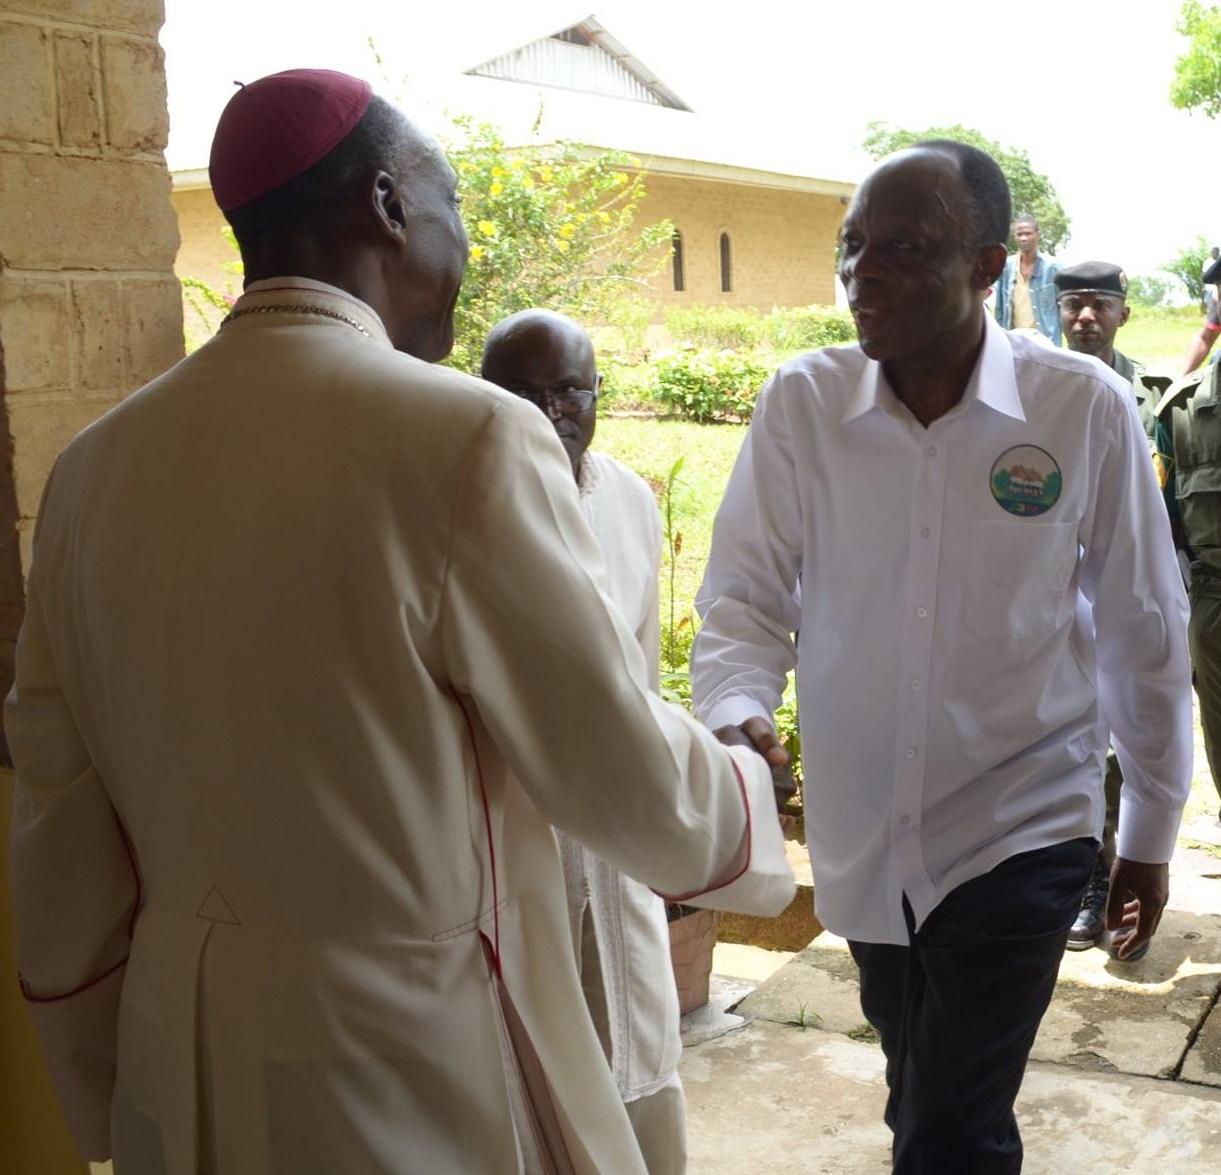 Le 9 mars 2016, Mgr Louis Portella Mbuyu, recevant à l'Evêché de Kinkala le général Jean Marie Michel Mokoko en présence de Me Massengo-Tiassé, conseiller du candidat J3M à l'élection présidentielle   (Actualités)